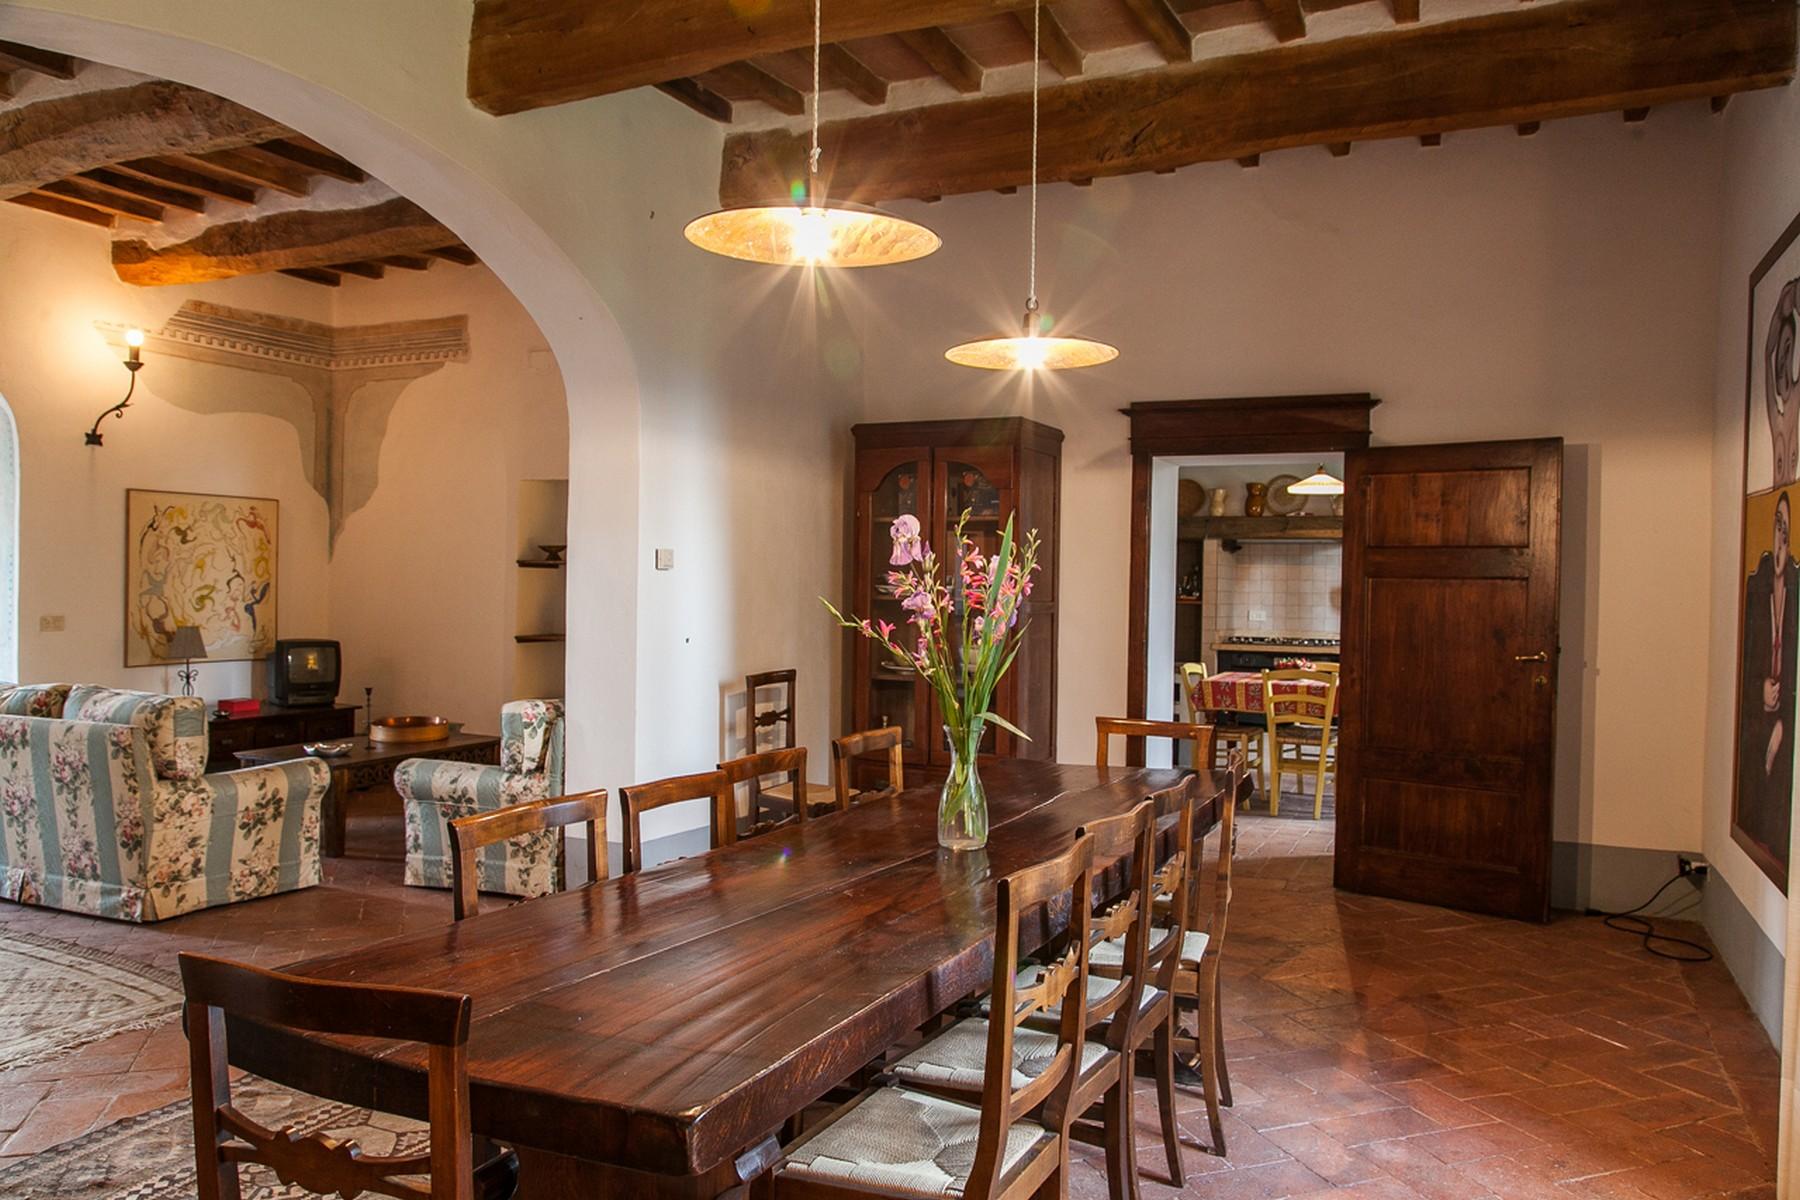 Rustico in Vendita a Montalcino: 5 locali, 900 mq - Foto 14